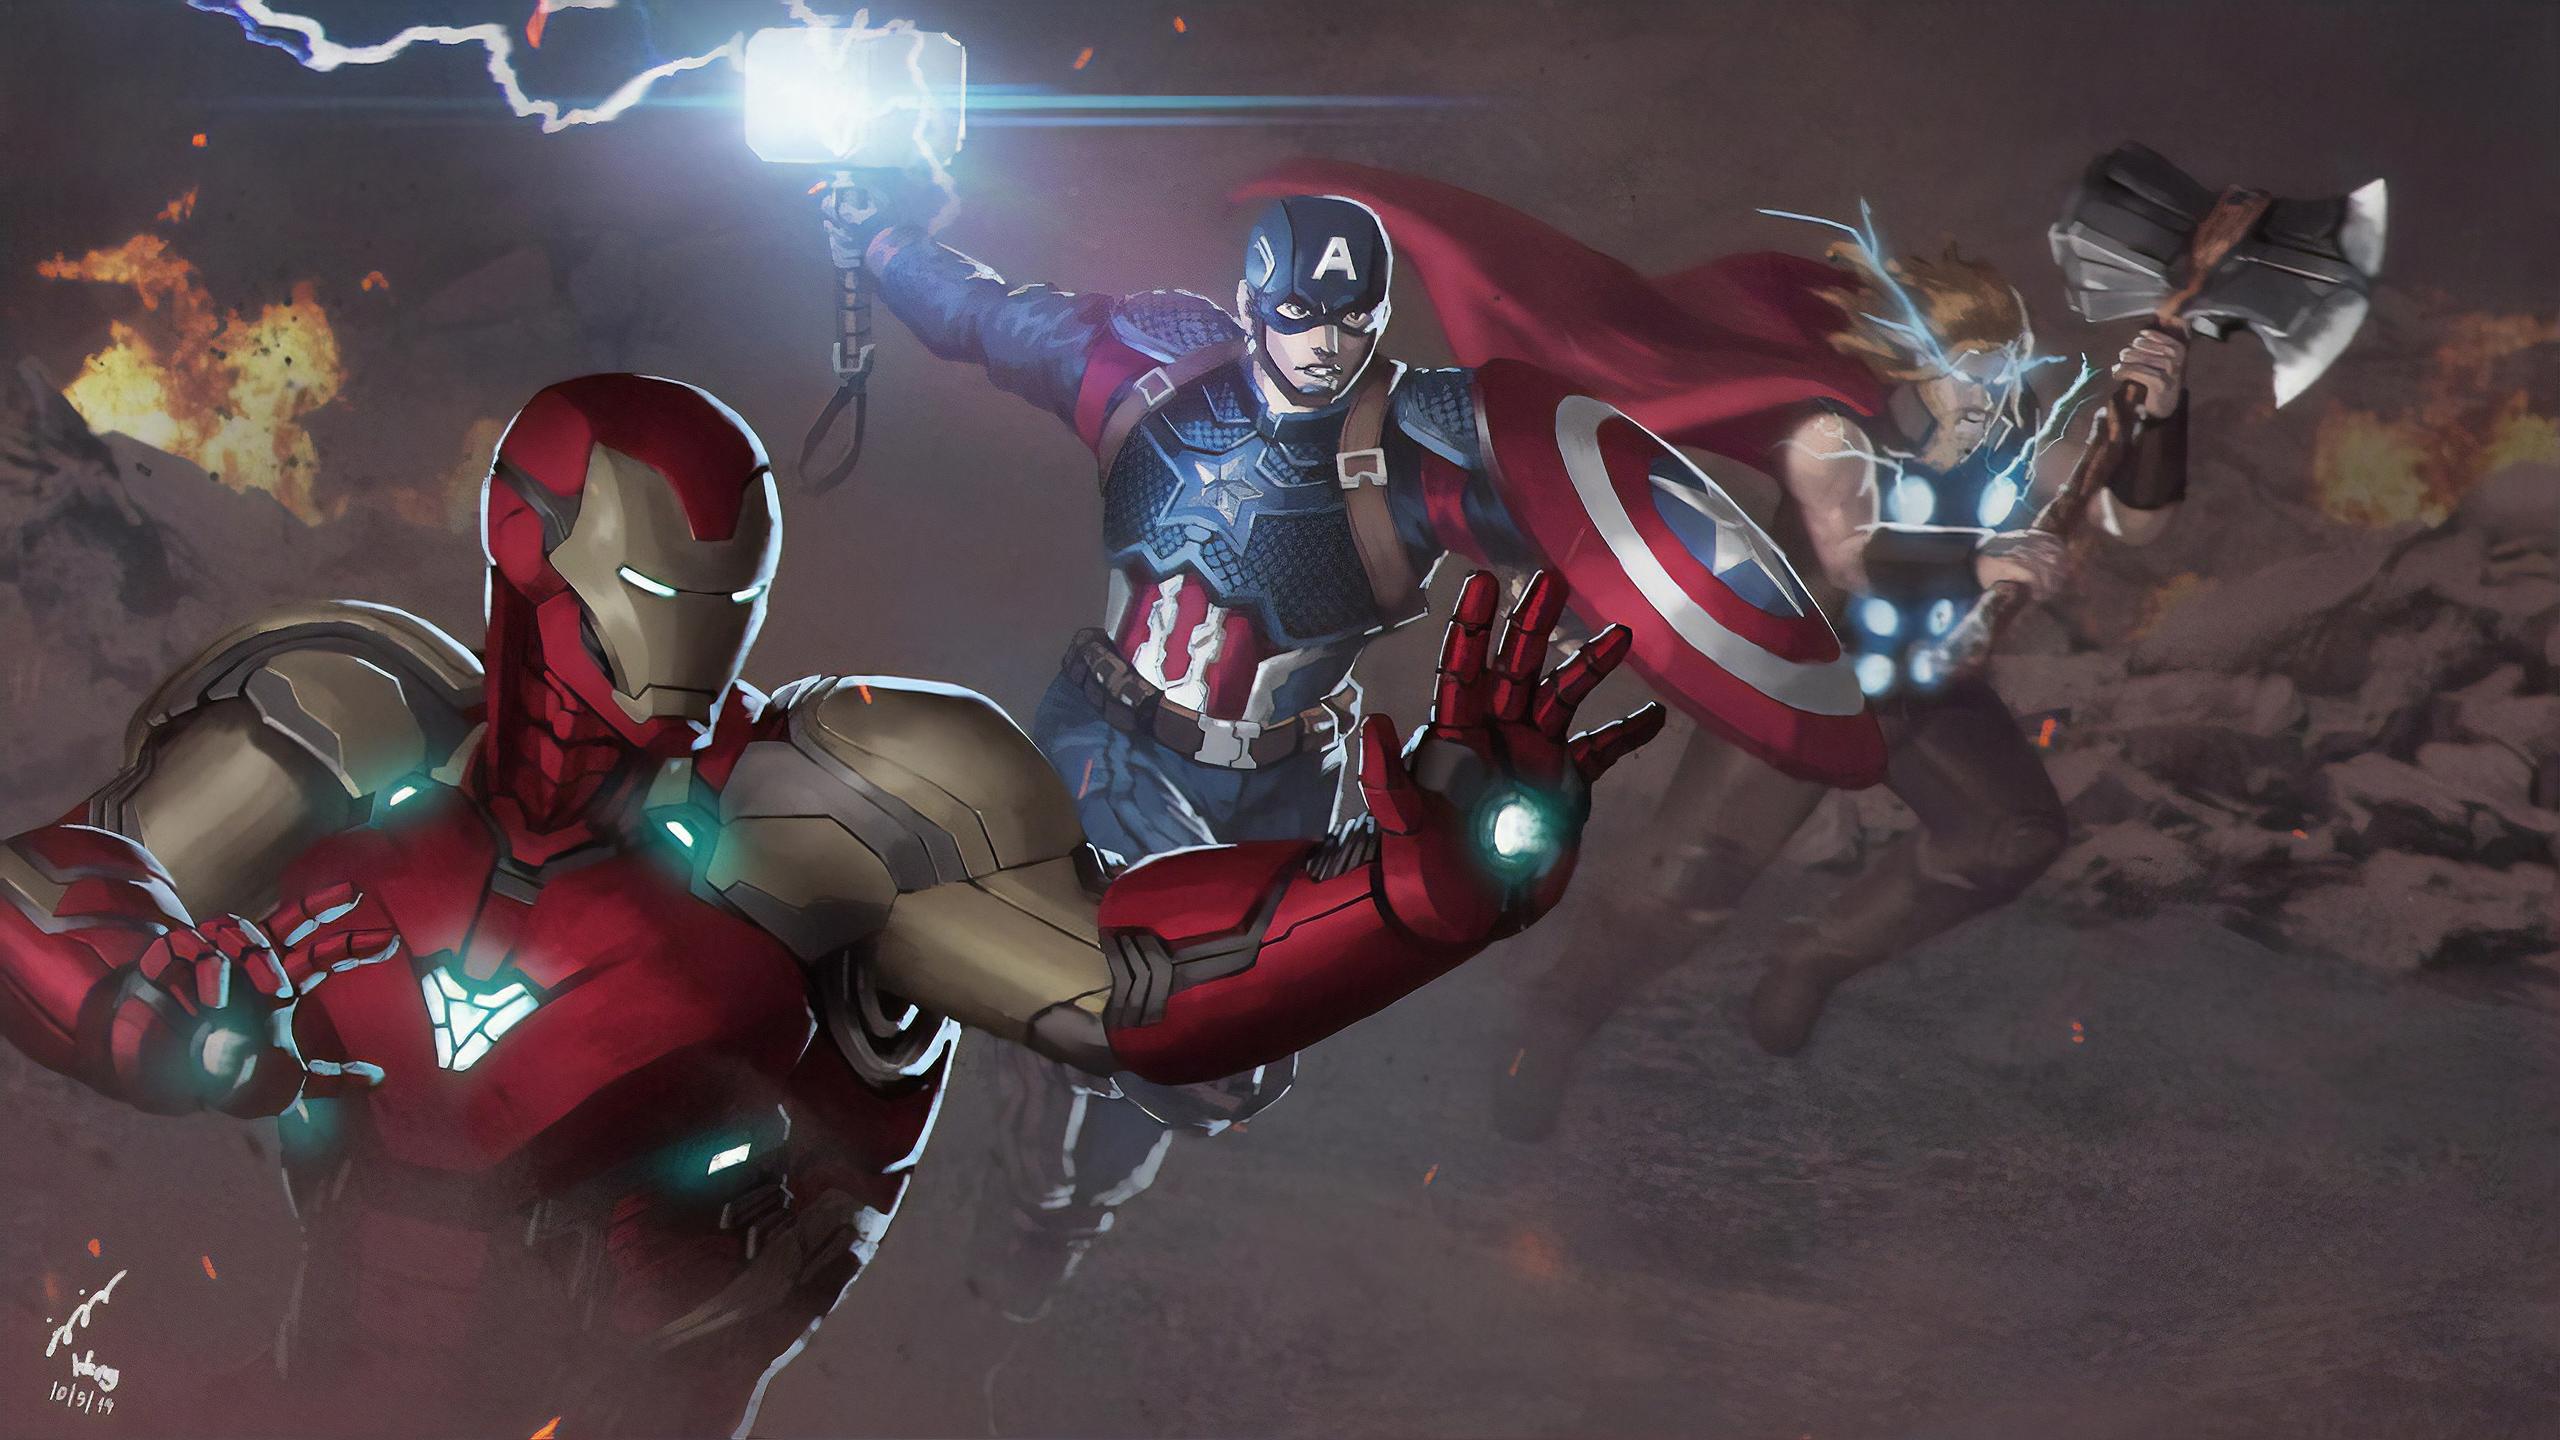 Avengers Endgame Final Battle Hd Superheroes 4k Wallpapers